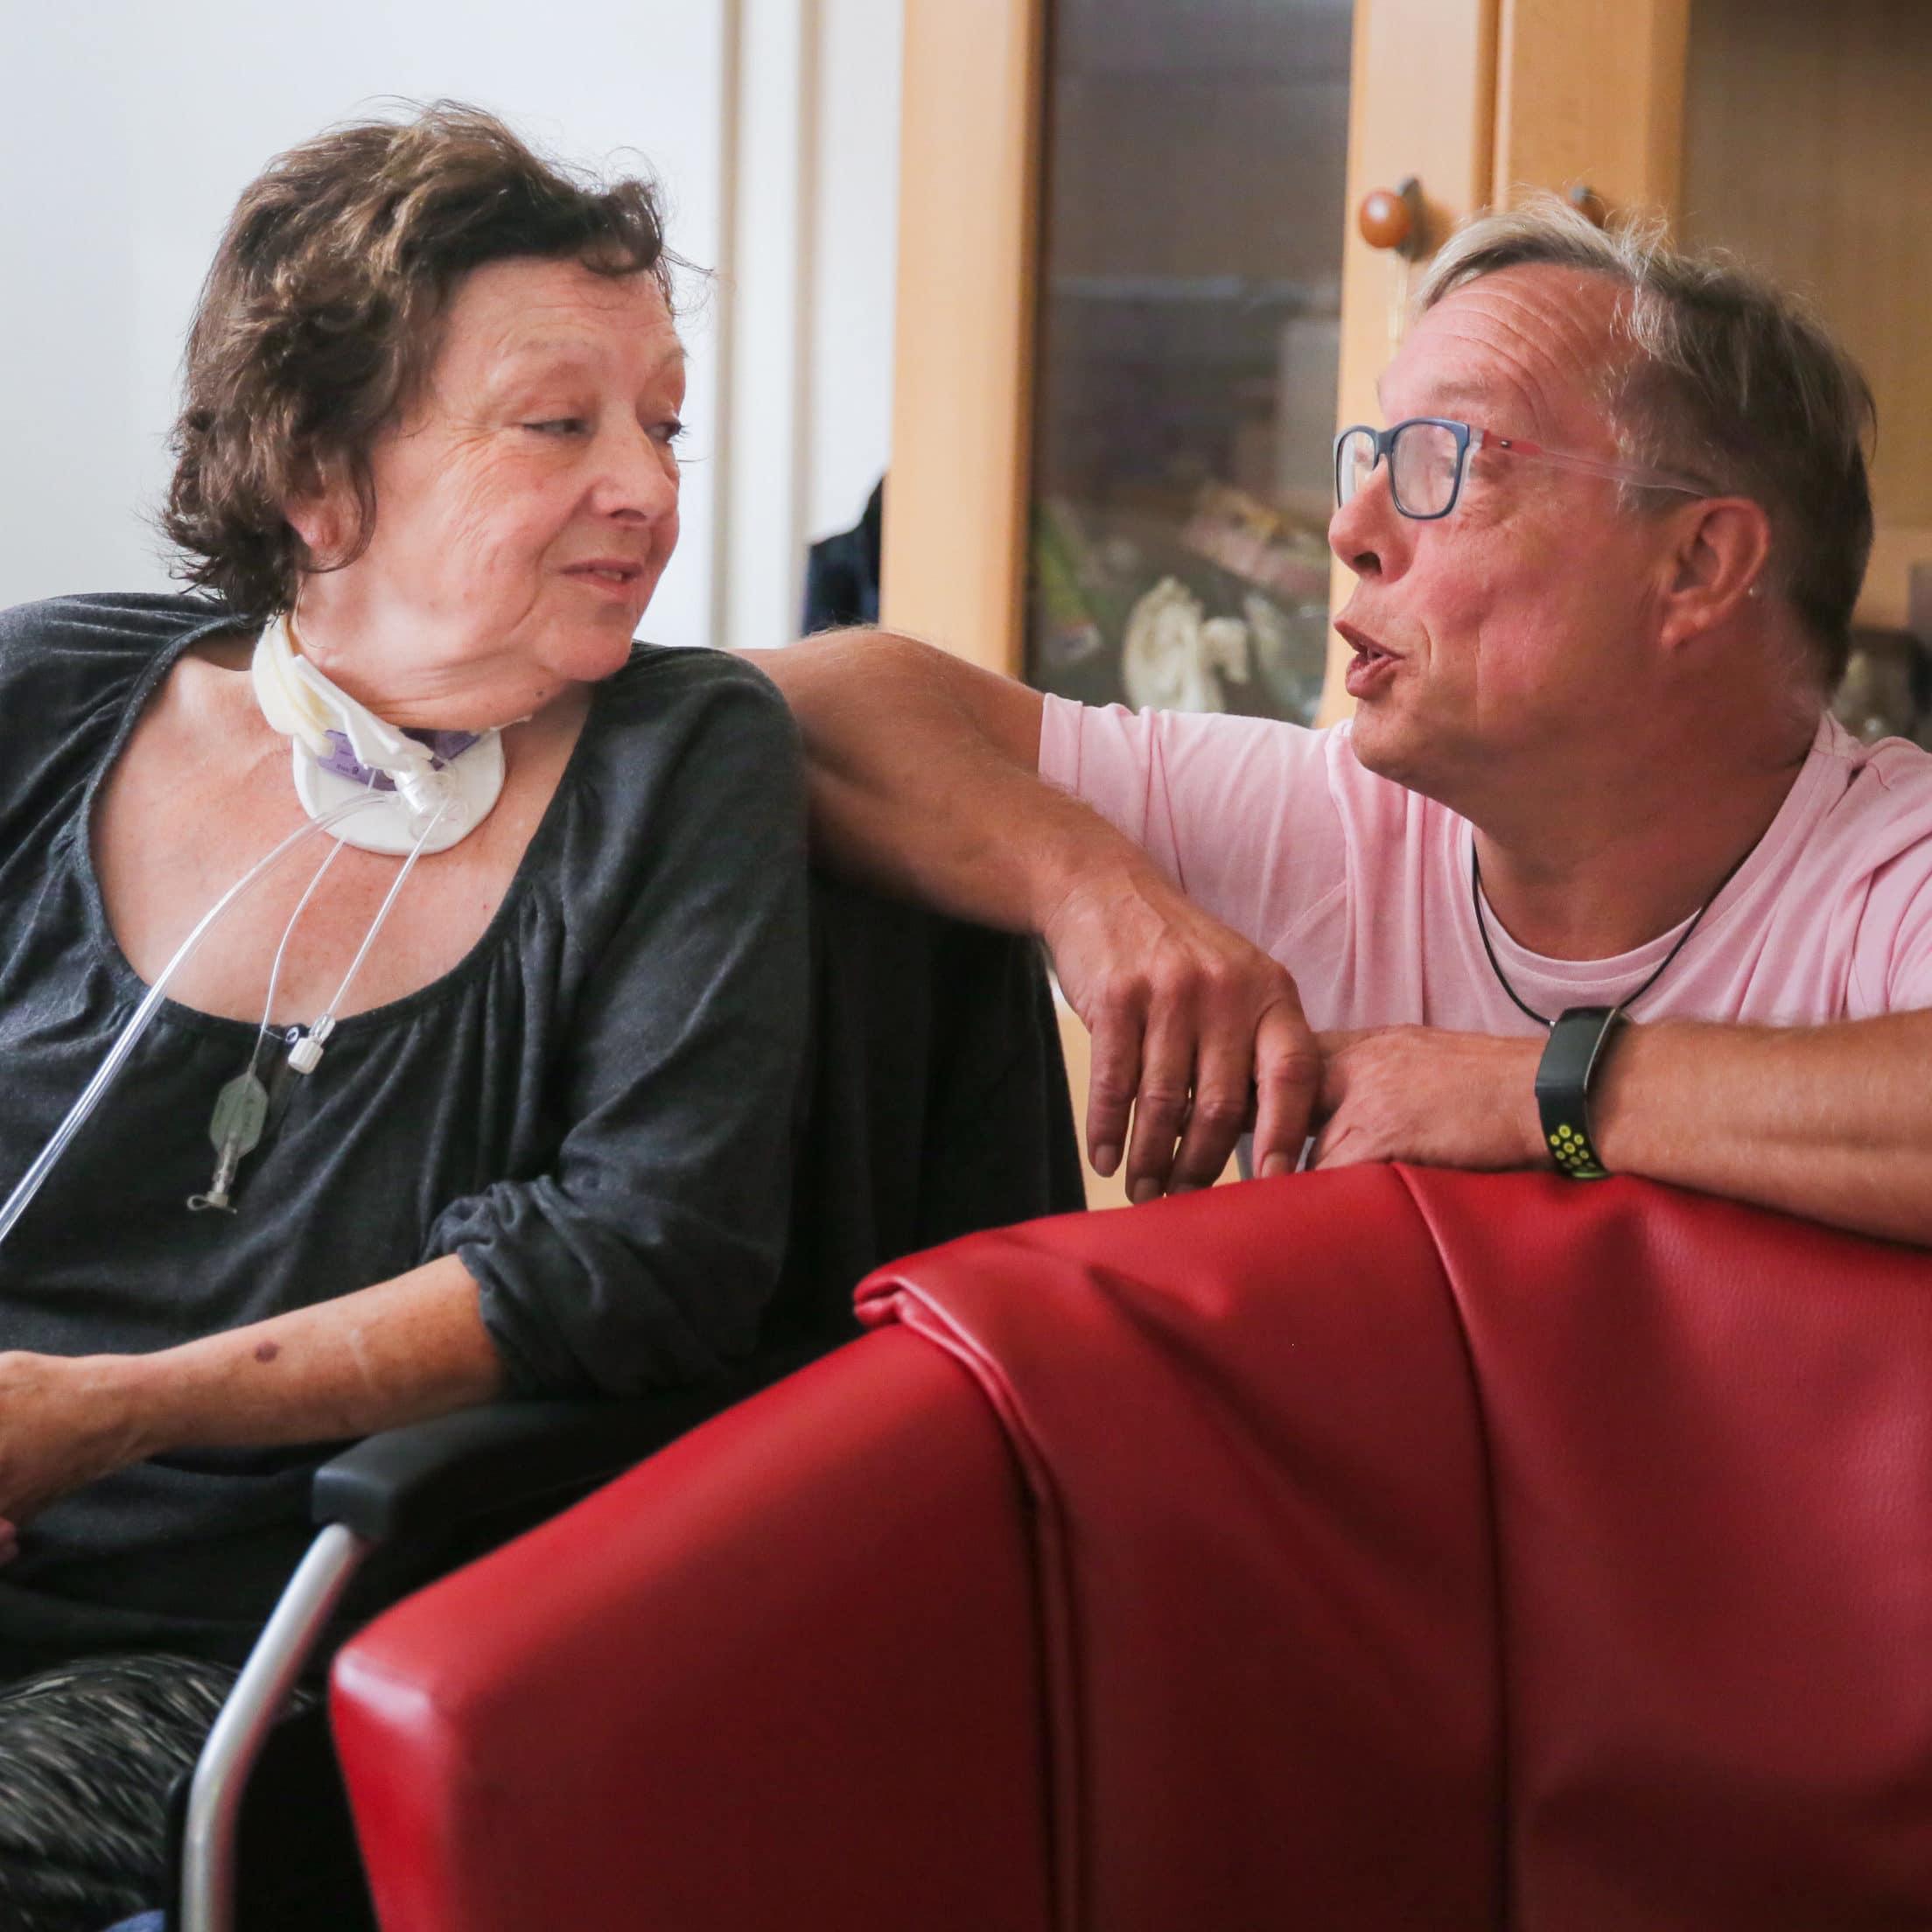 """""""Danke, dass ich noch lebe"""" – Klientin Irmgard zu Pflegefachkraft Werner"""